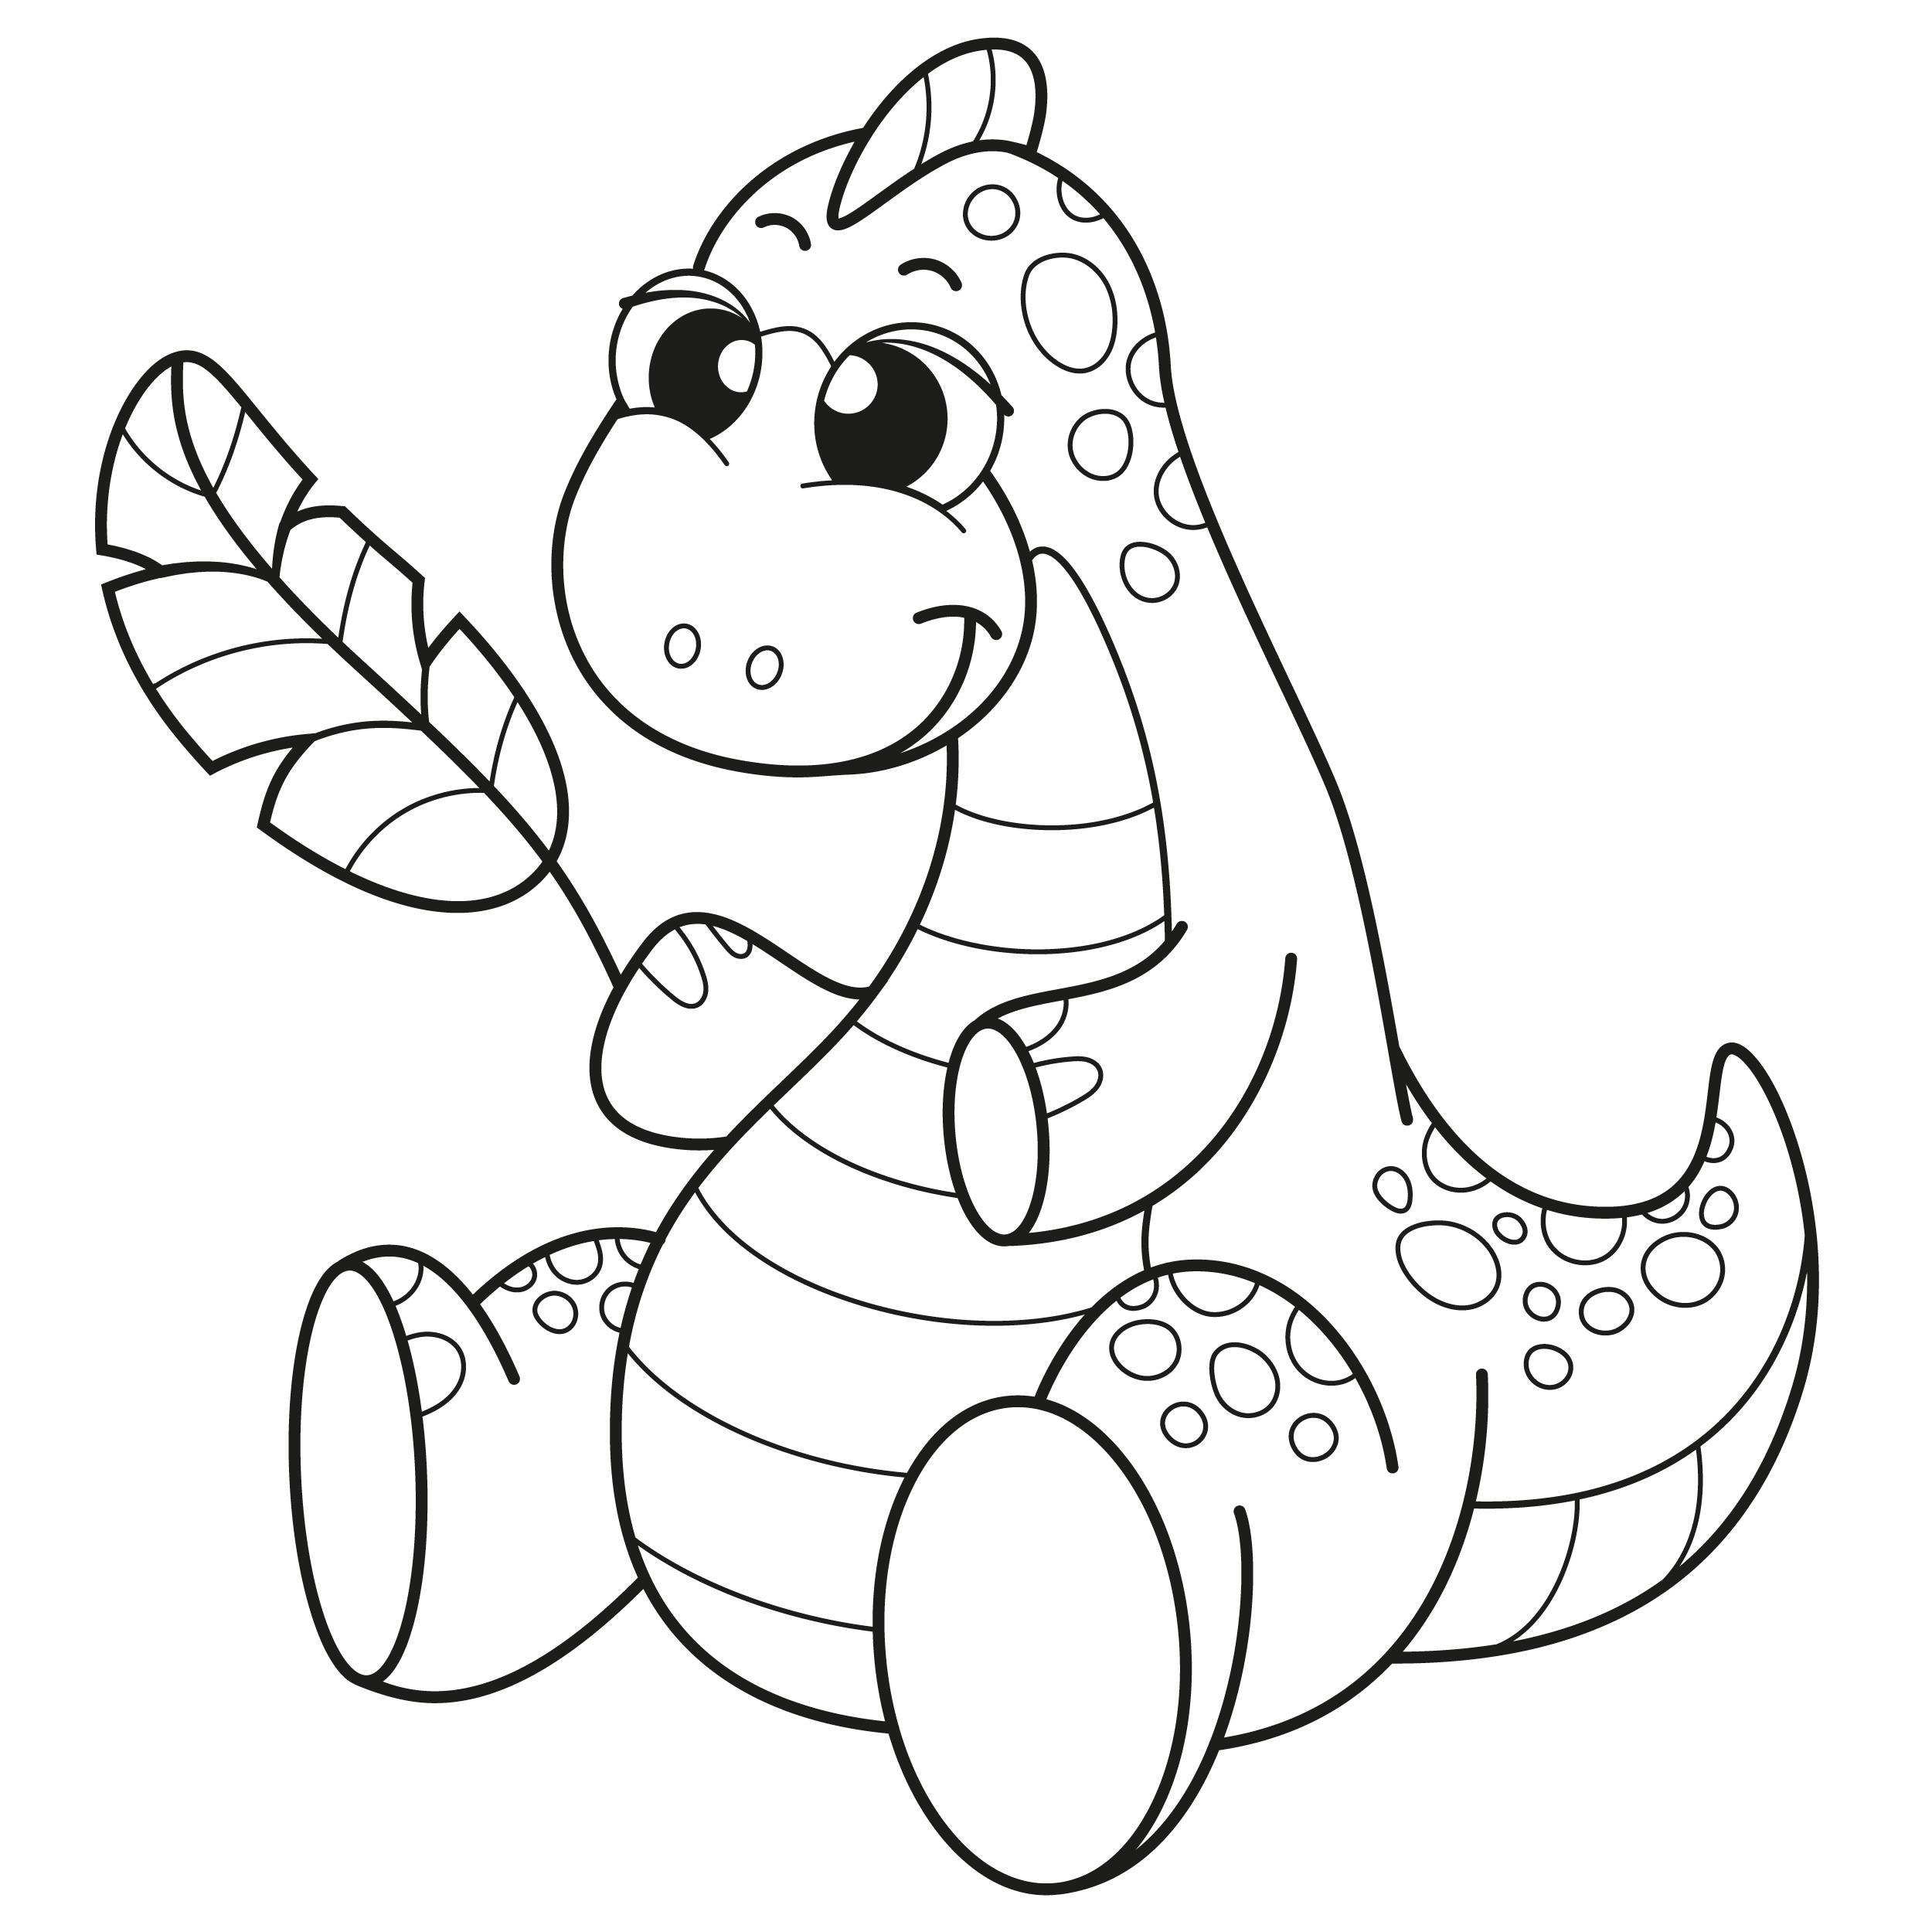 Coloriage - Dinosaures : Dinosaure 15 - 10 Doigts encequiconcerne Dinausore Coloriage